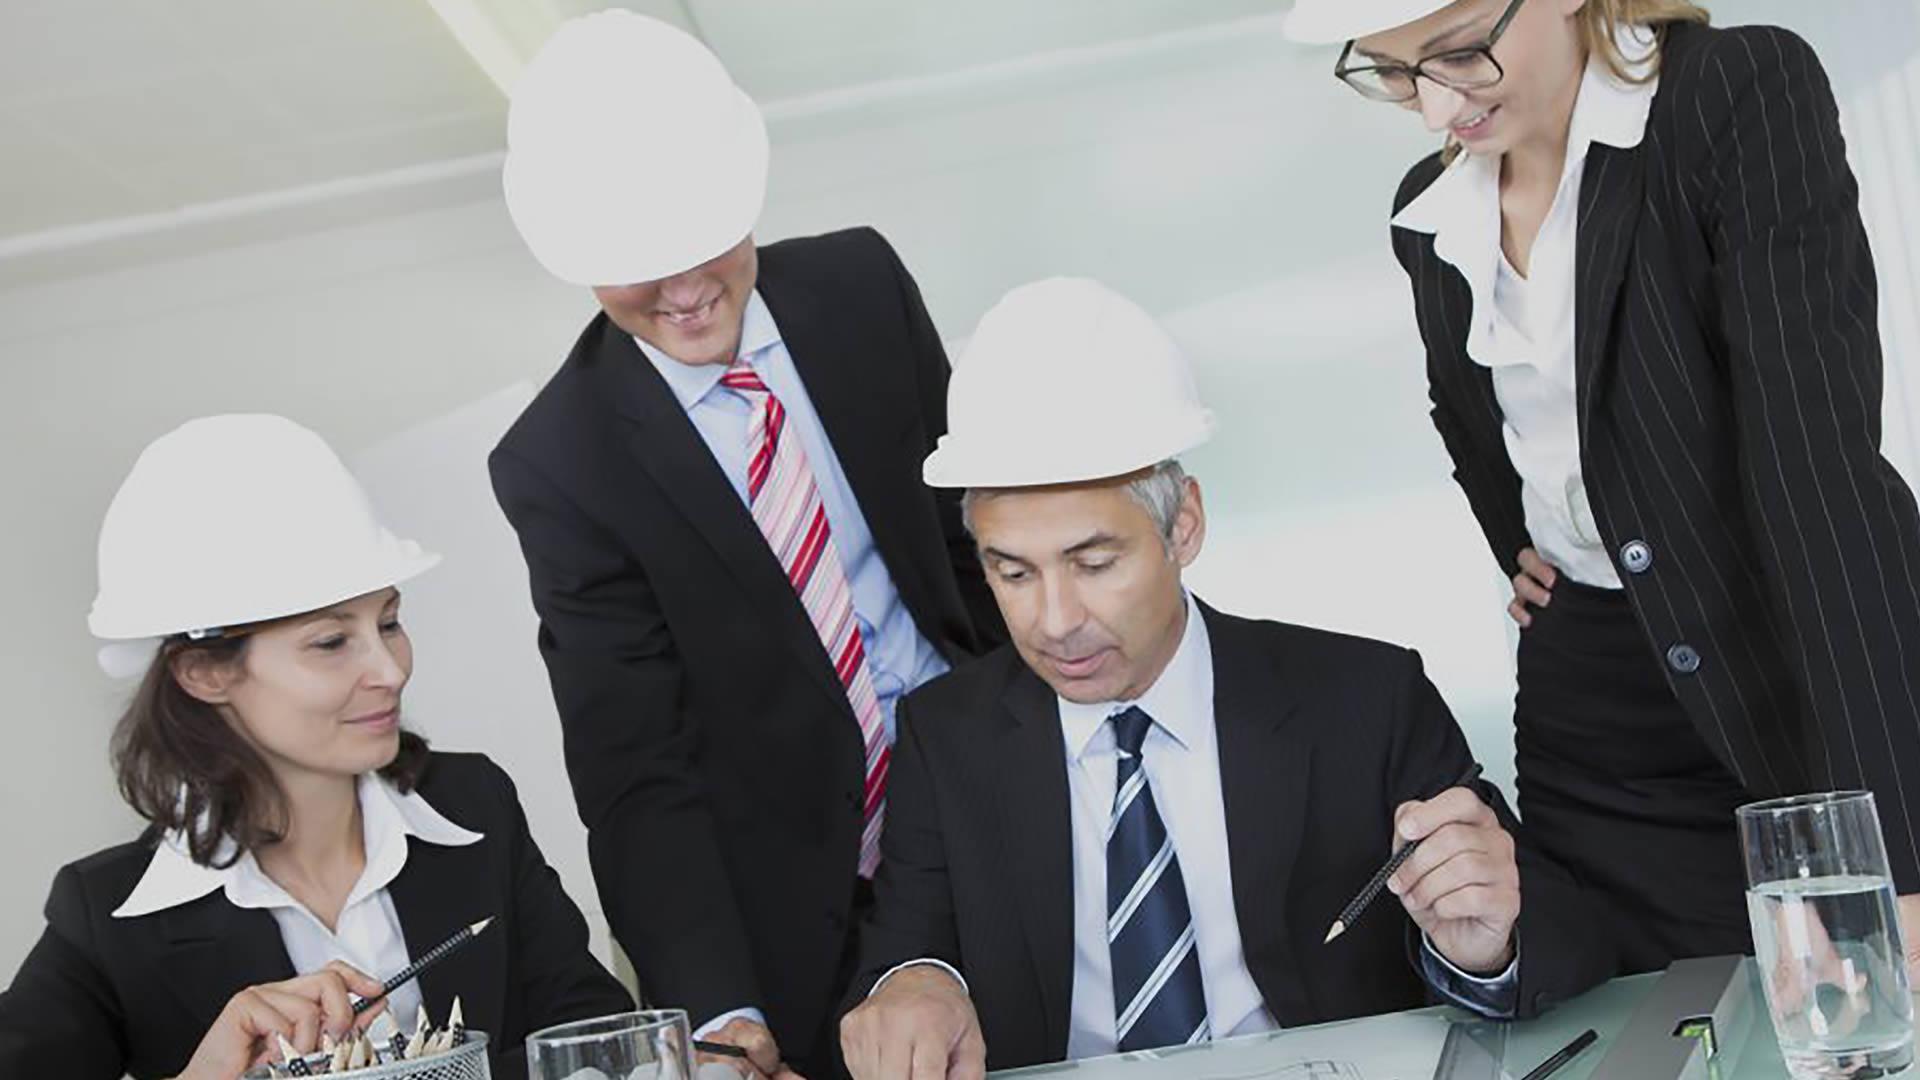 executive construction jobs scotland